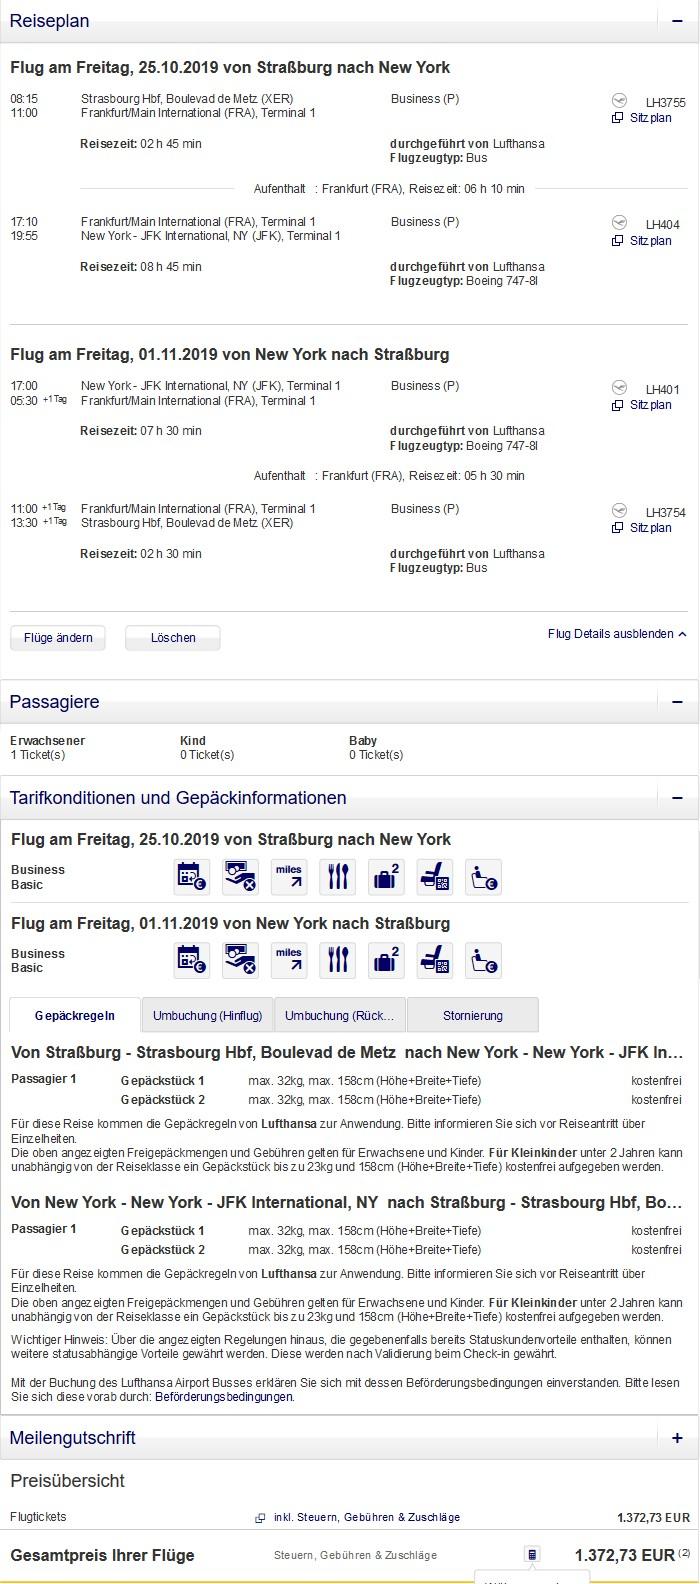 Preisbeispiel von Straßburg nach New York in der Lufthansa Business-Class